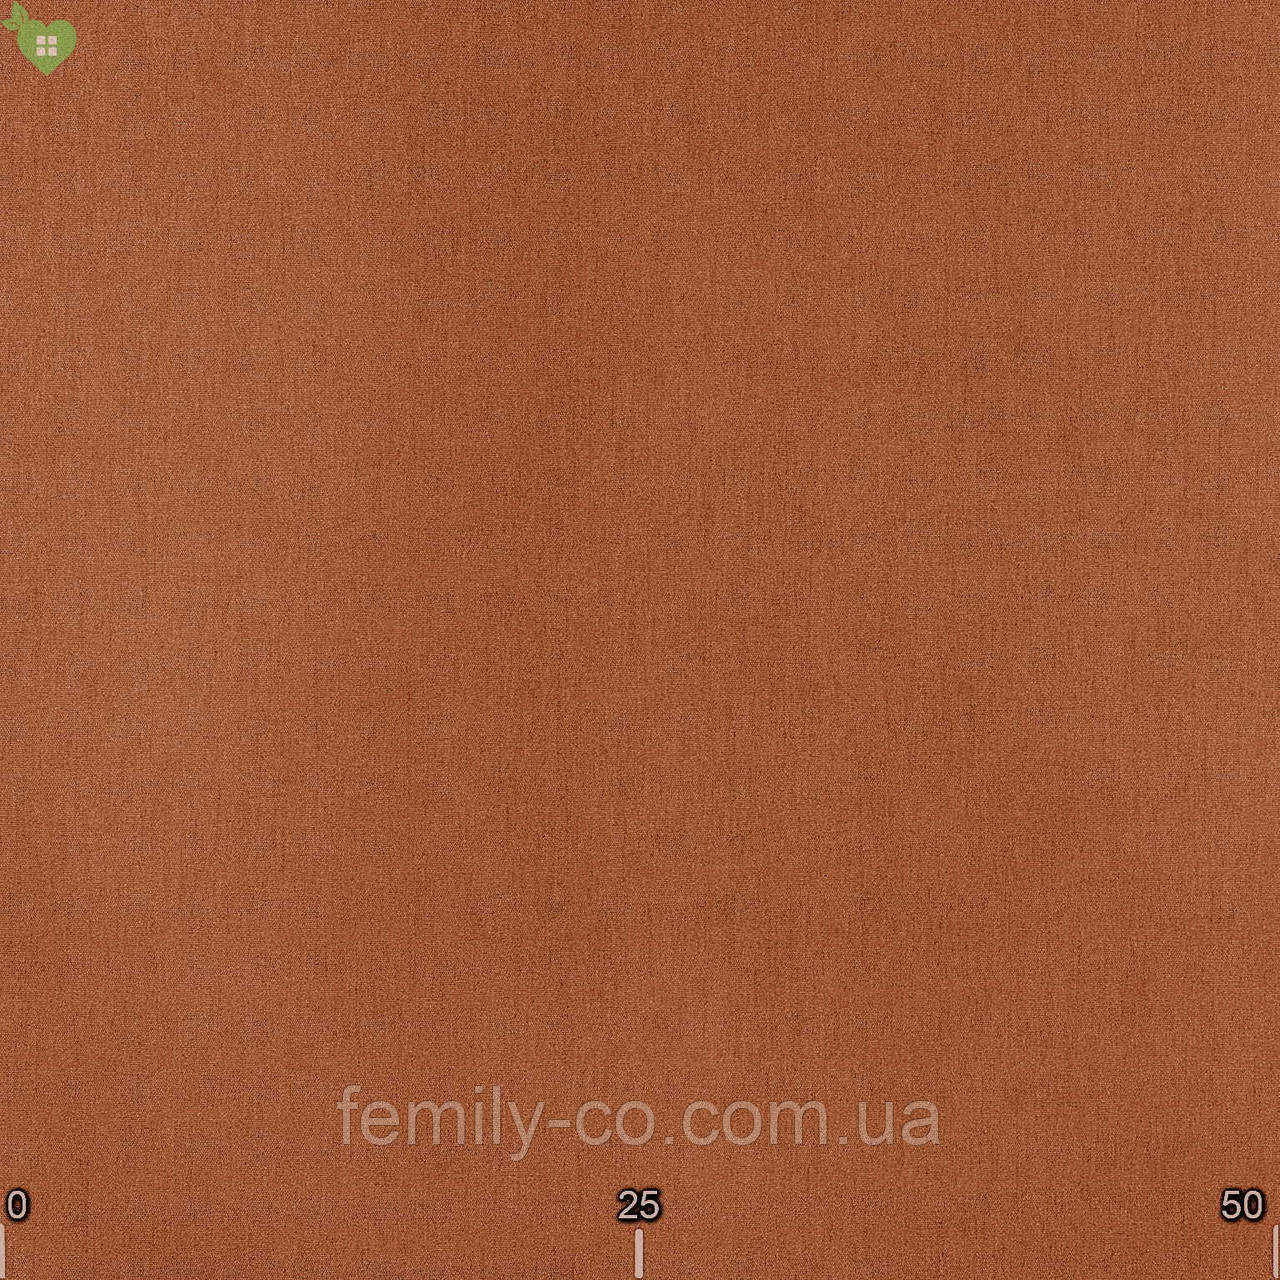 Однотонная уличная ткань терракотового цвета 100% акрил Испания 83375v3